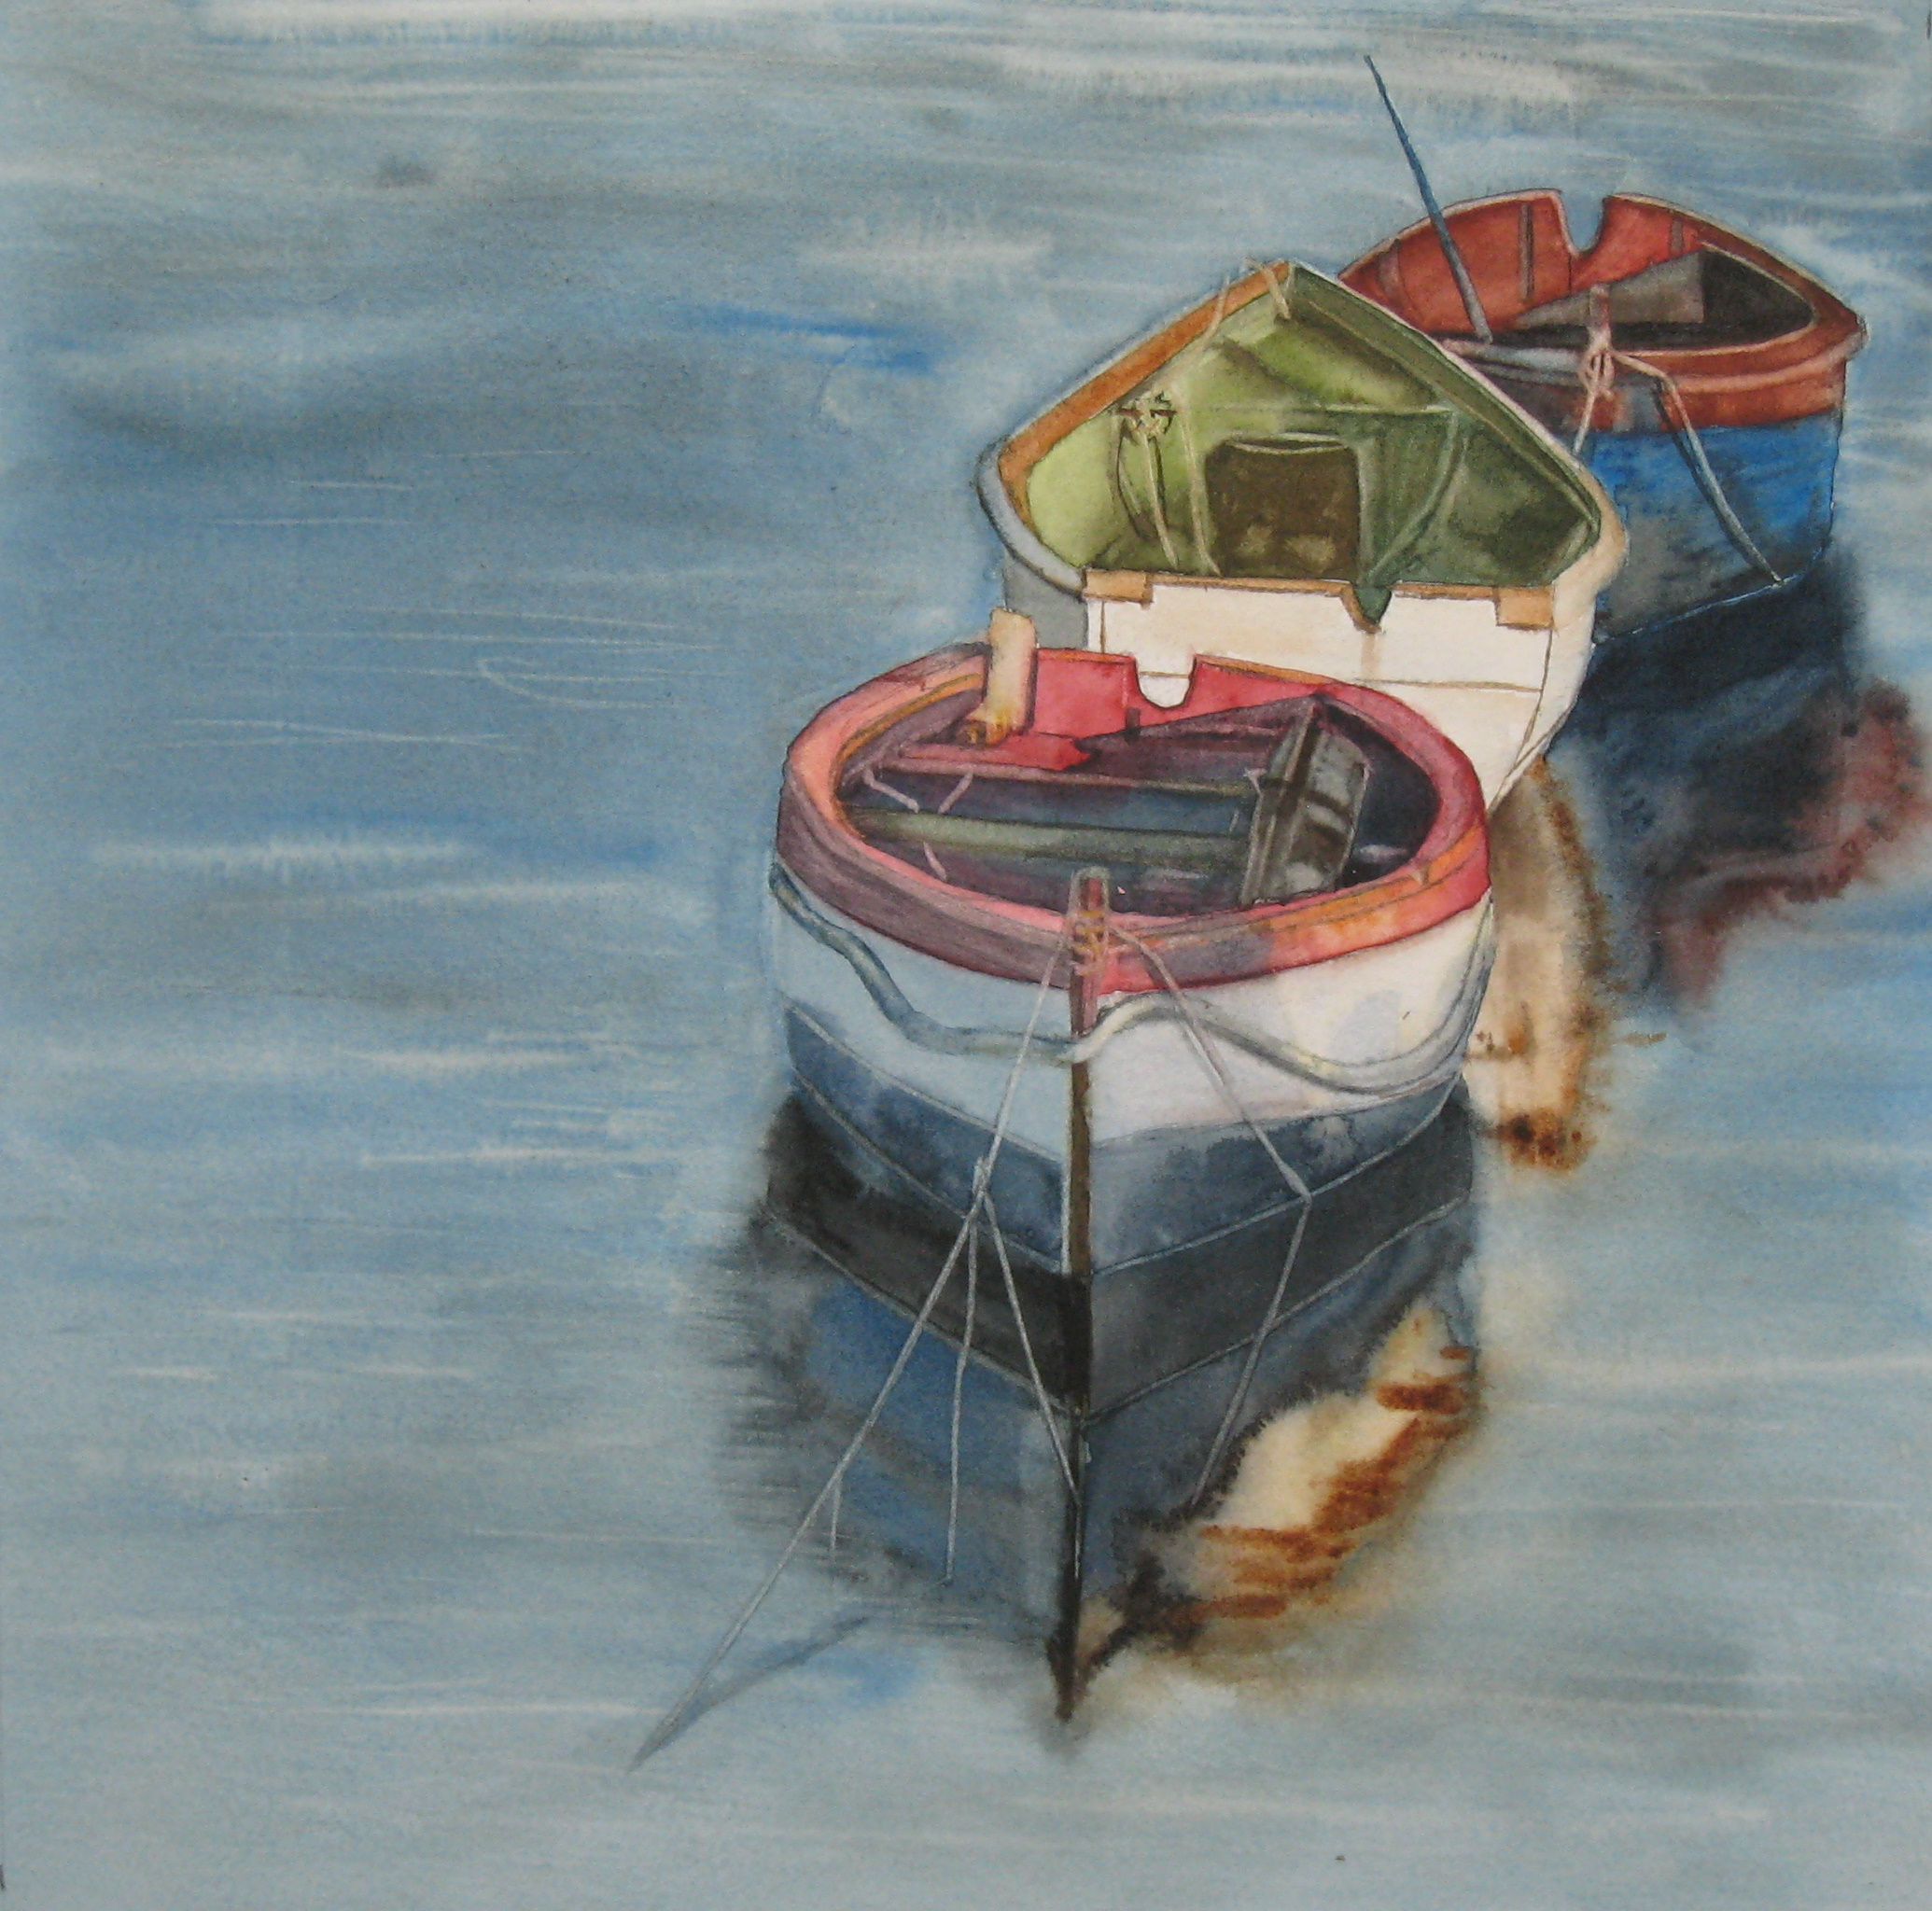 Les 3 barques